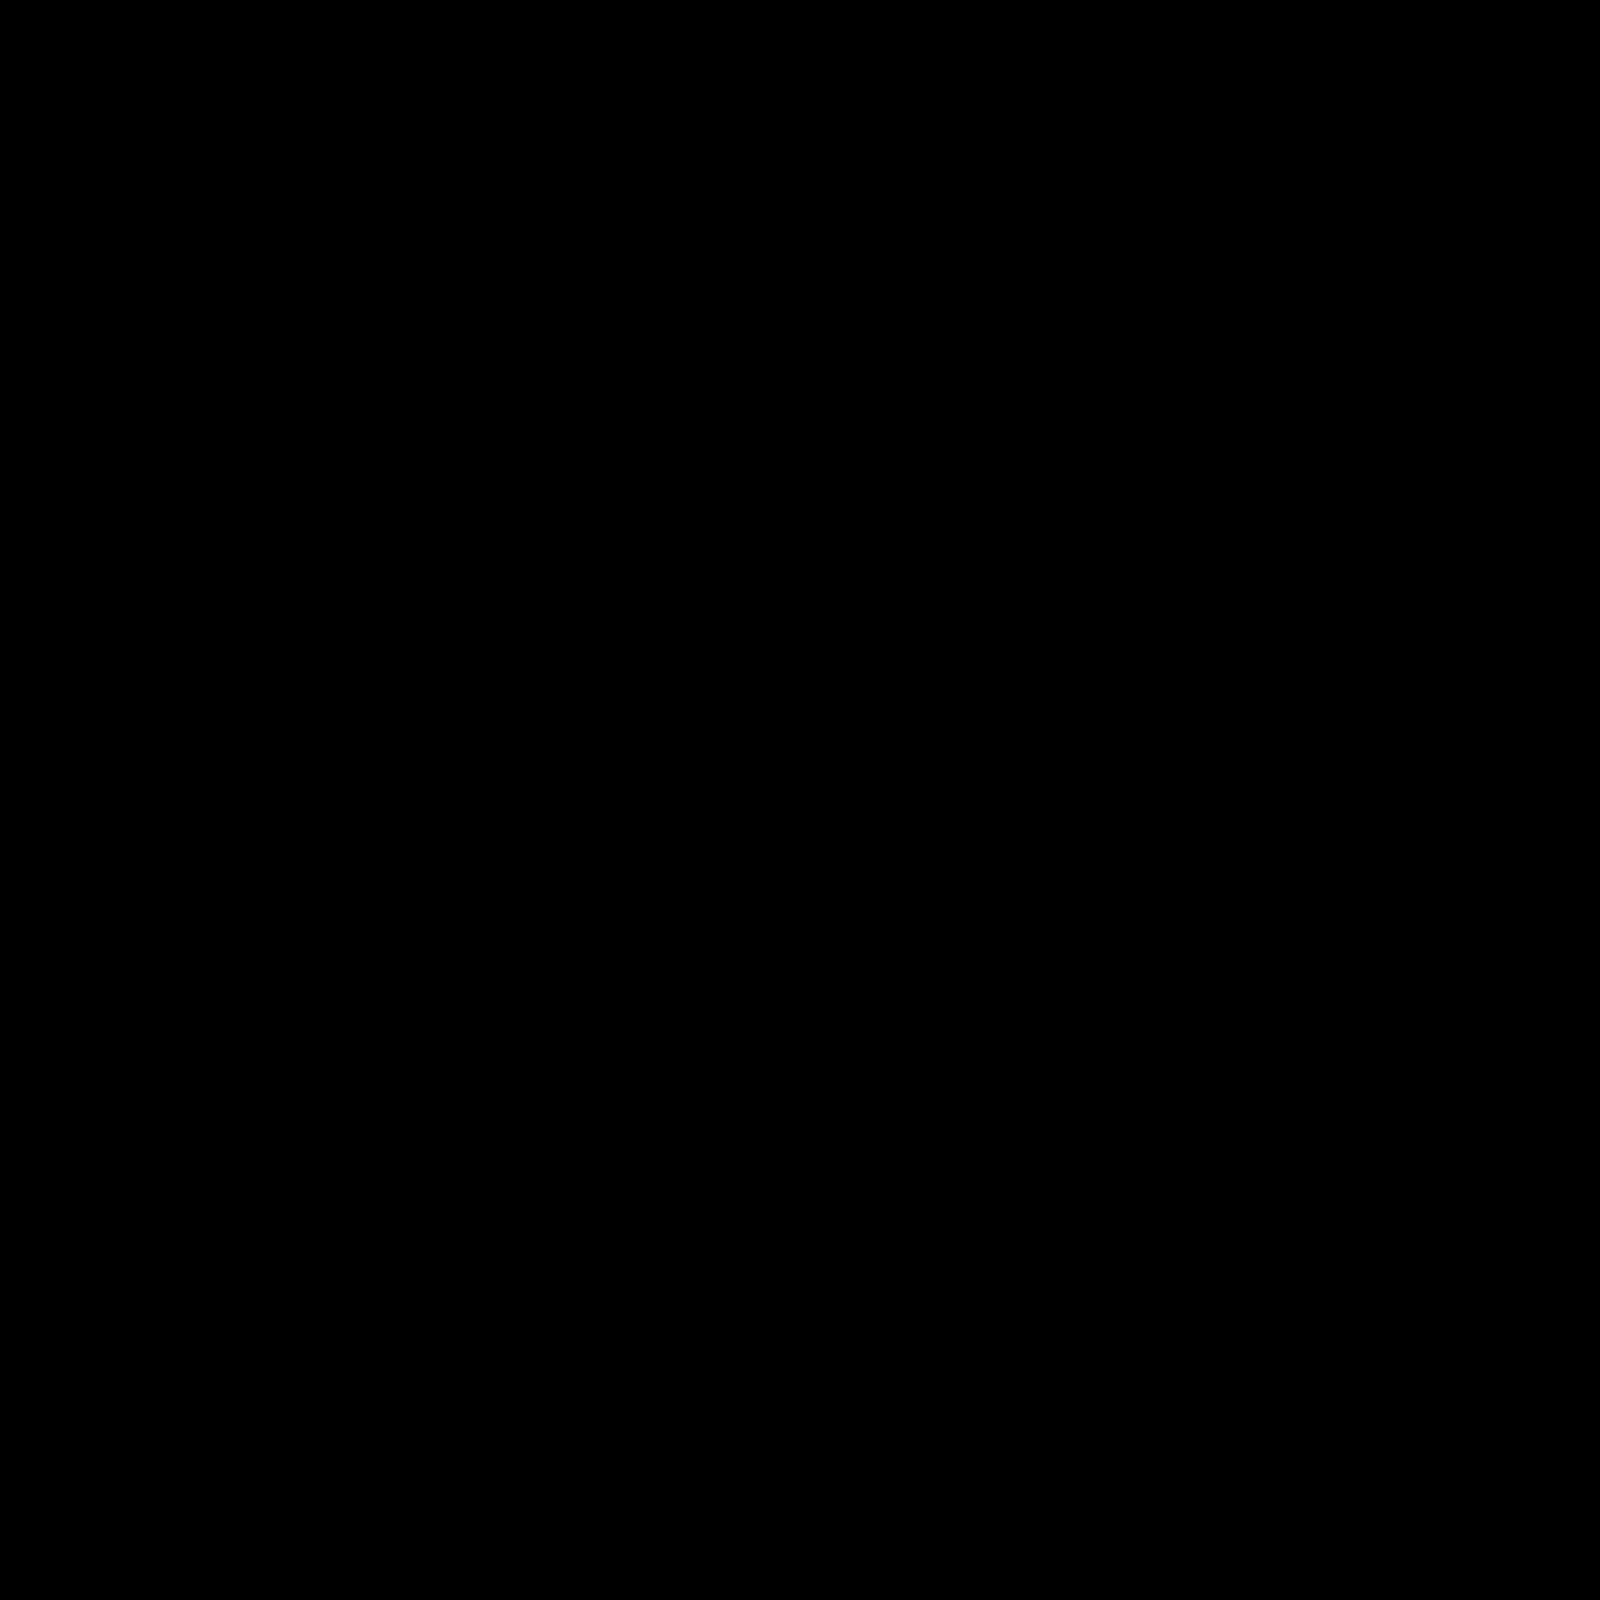 Classificação frontal icon